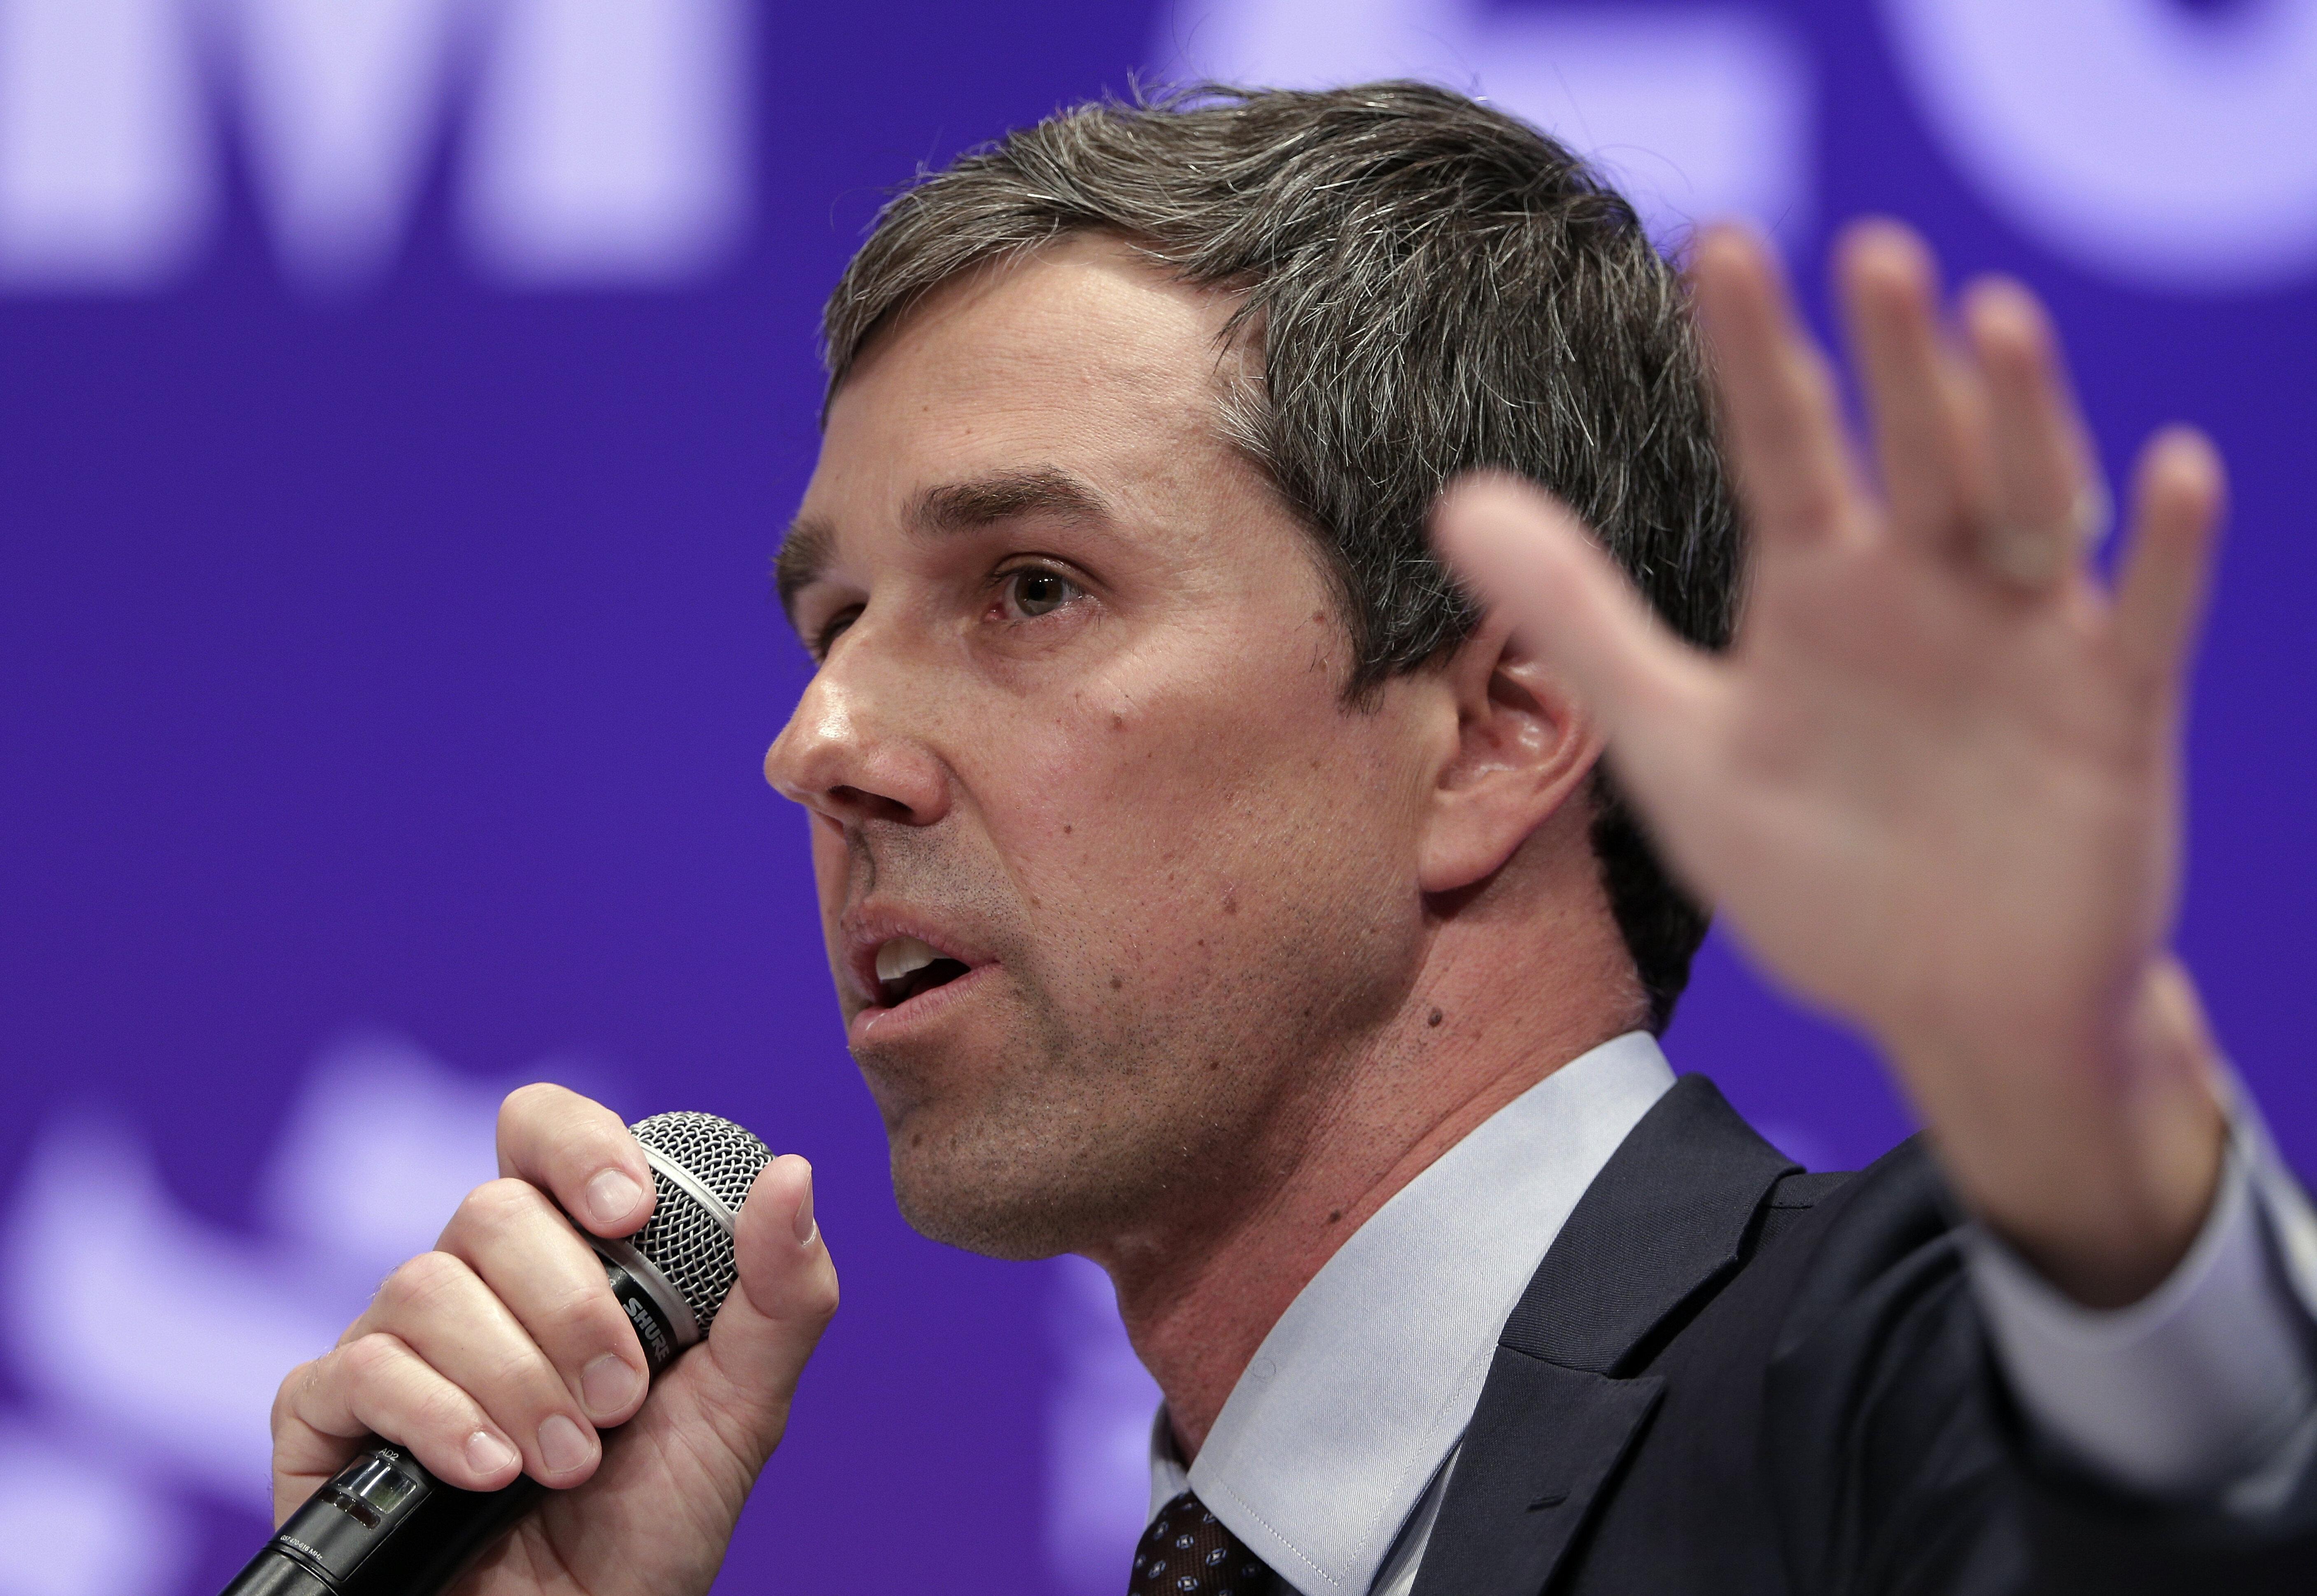 El candidato demócrata Beto O'Rourke en un evento en la Universidad Estatal de Texas en Houston el 24 de abril del 2019. (AP Photo/Michael Wyke)